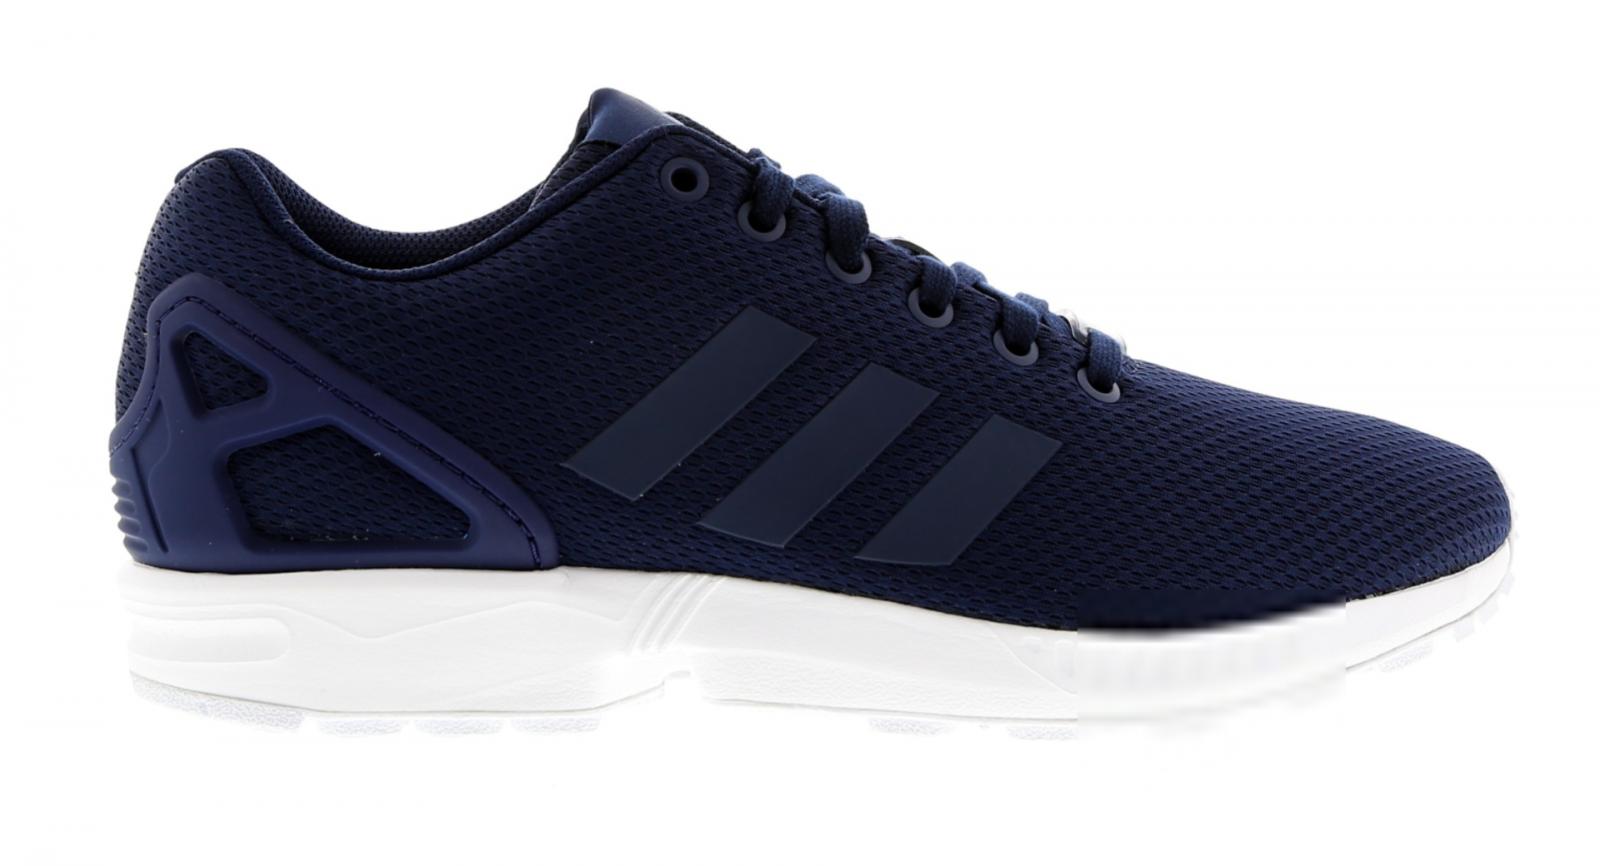 Para Hombre Adidas Azul ZX Flux Zapatillas Textil Azul Adidas Oscuro BB3717 2fa60c